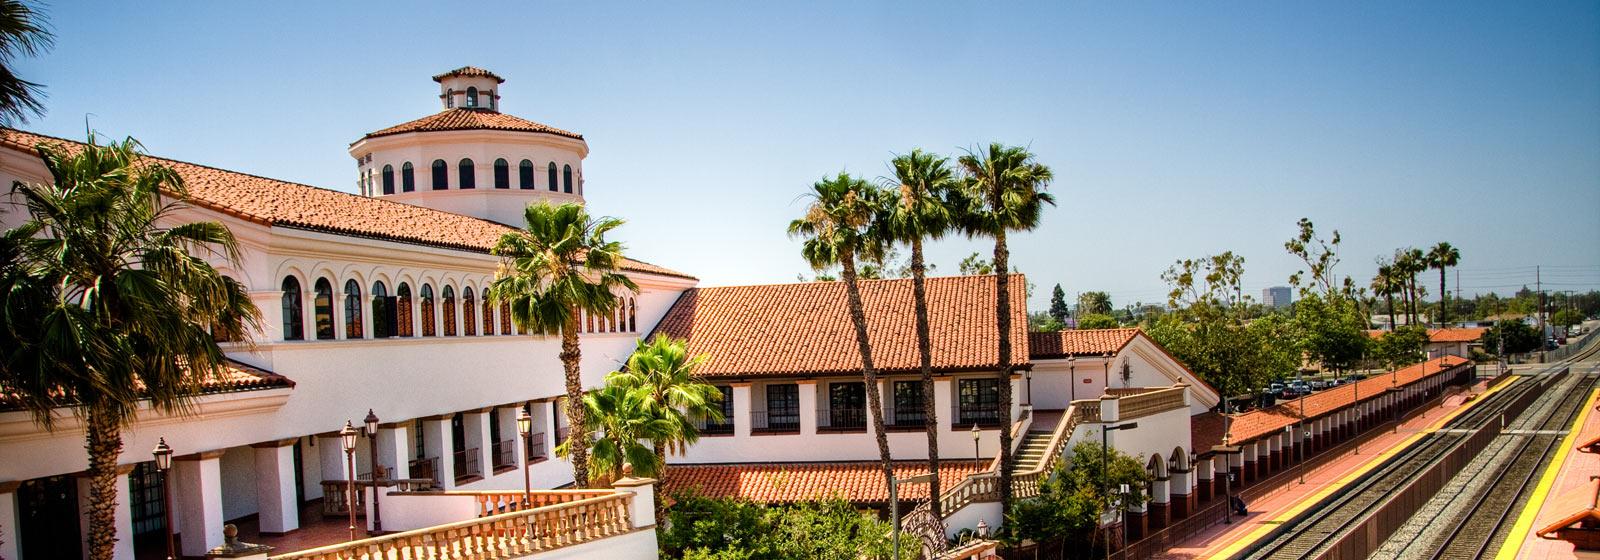 Reliable Tax Attorney In Santa Ana, CA